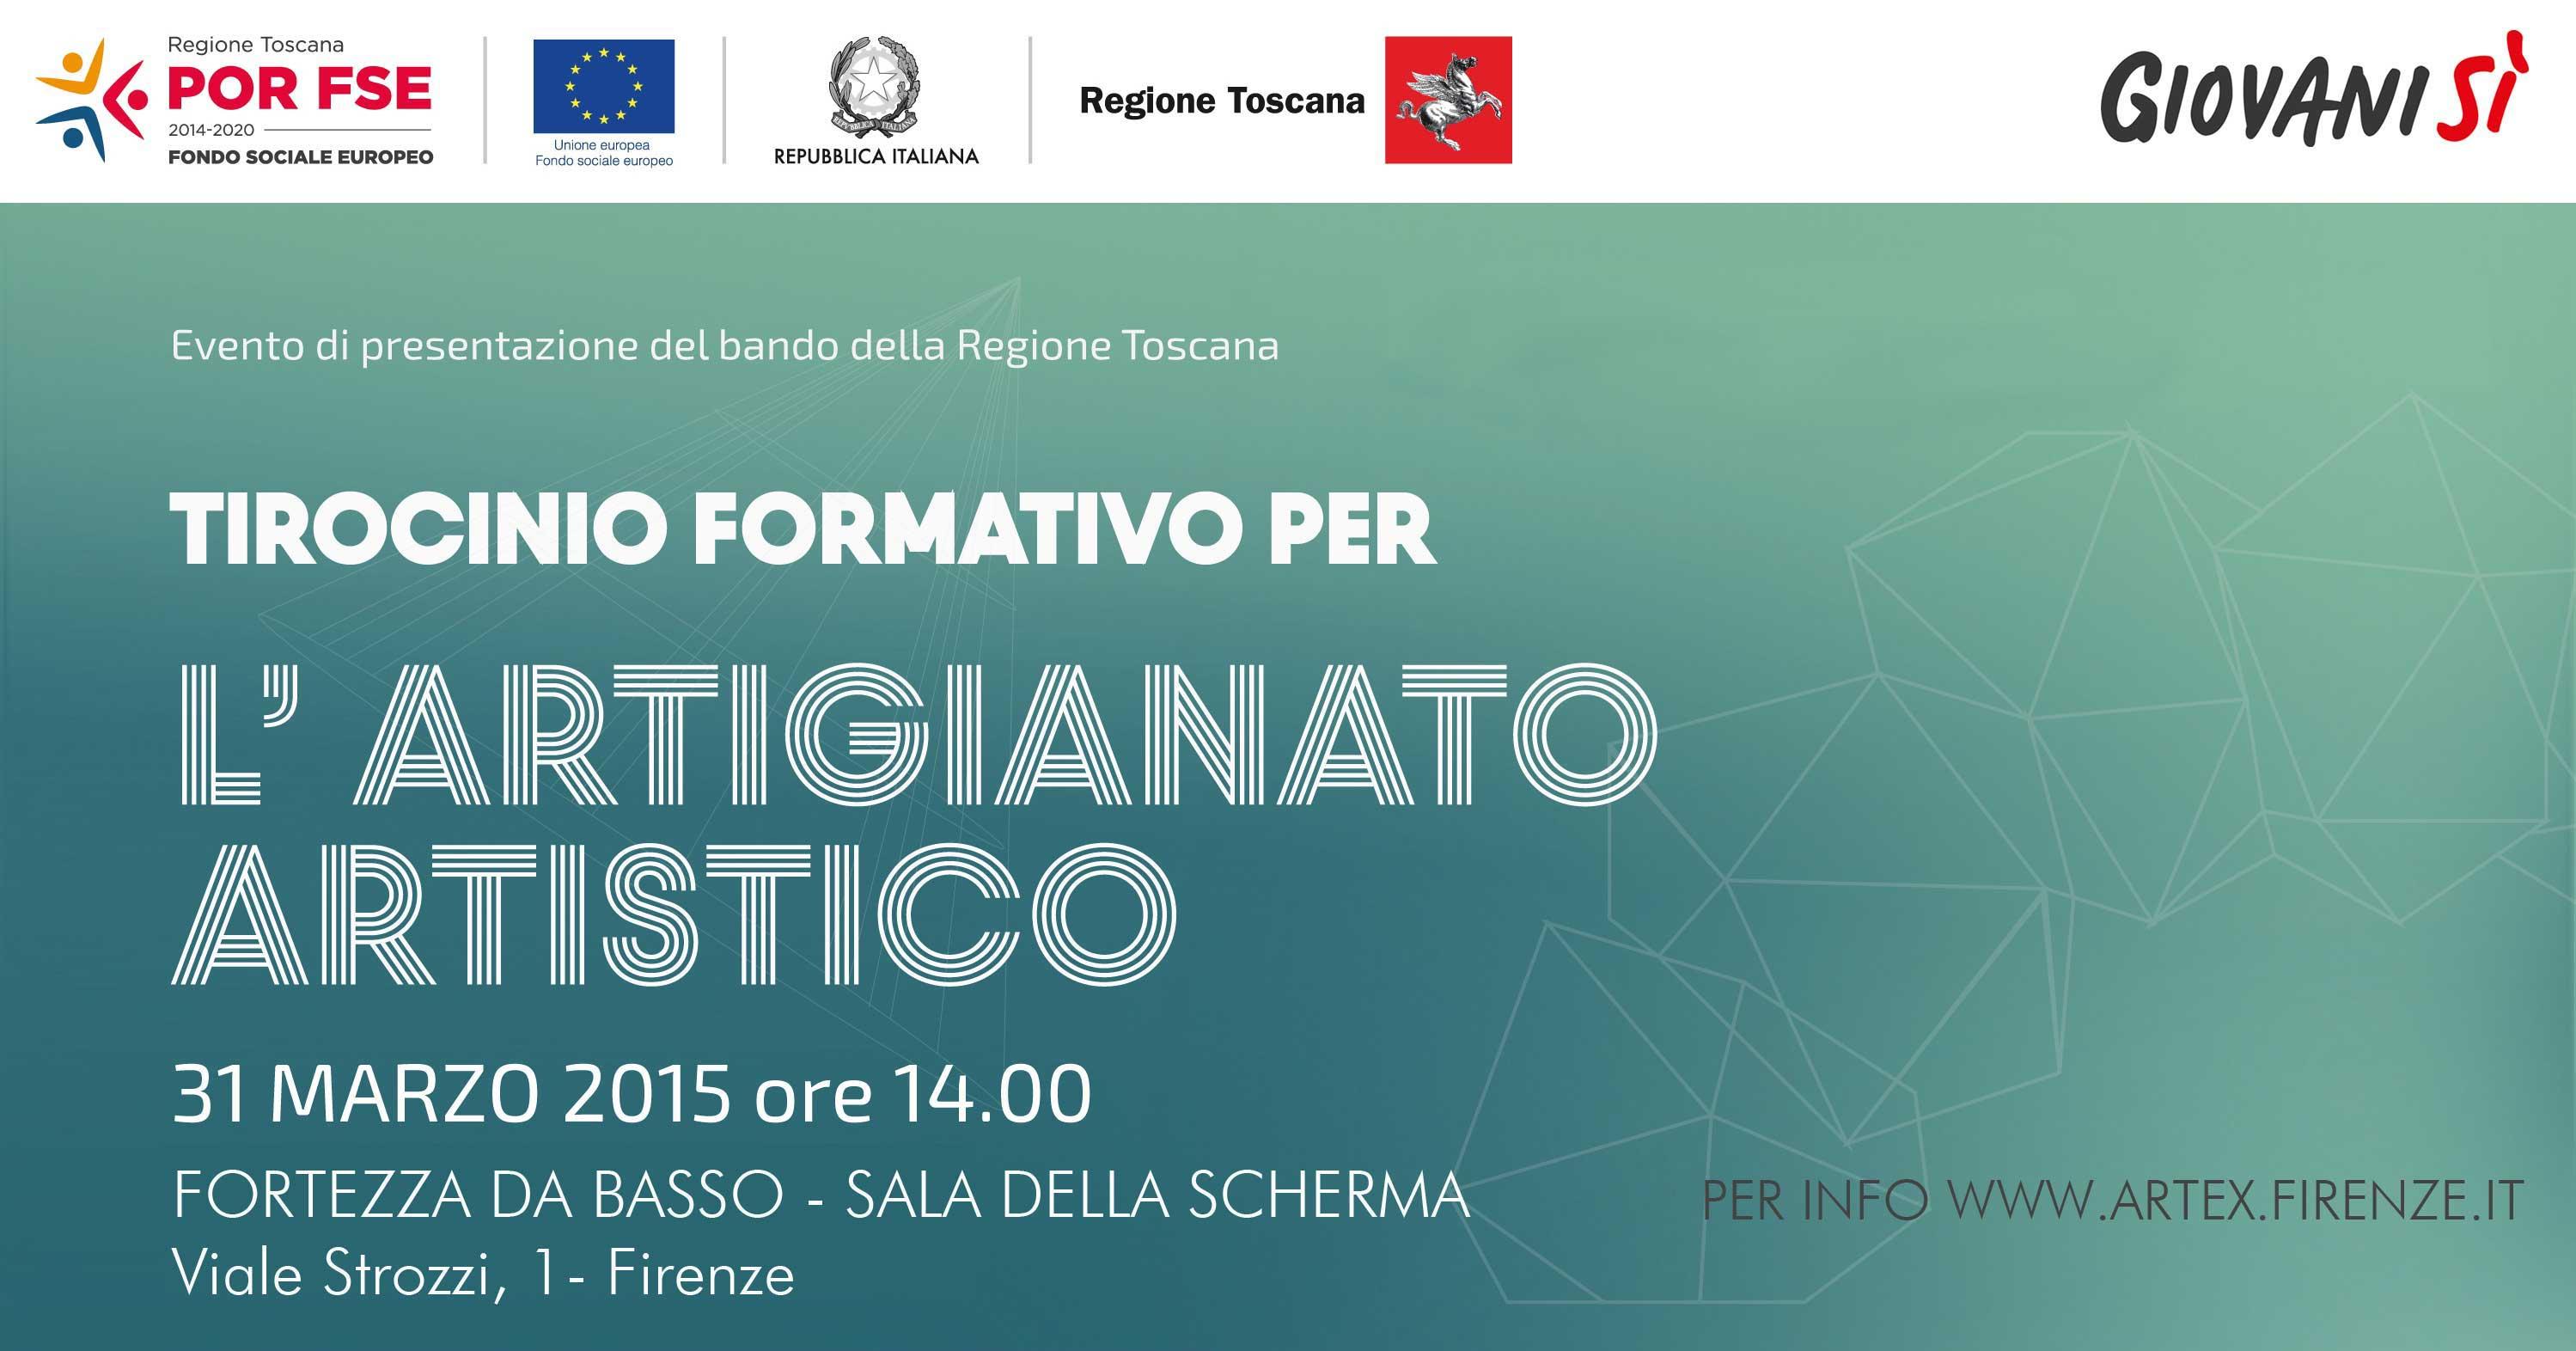 Tirocini per l'Artigianato Artistico: il 31 marzo evento di presentazione alla Fortezza da Basso a Firenze